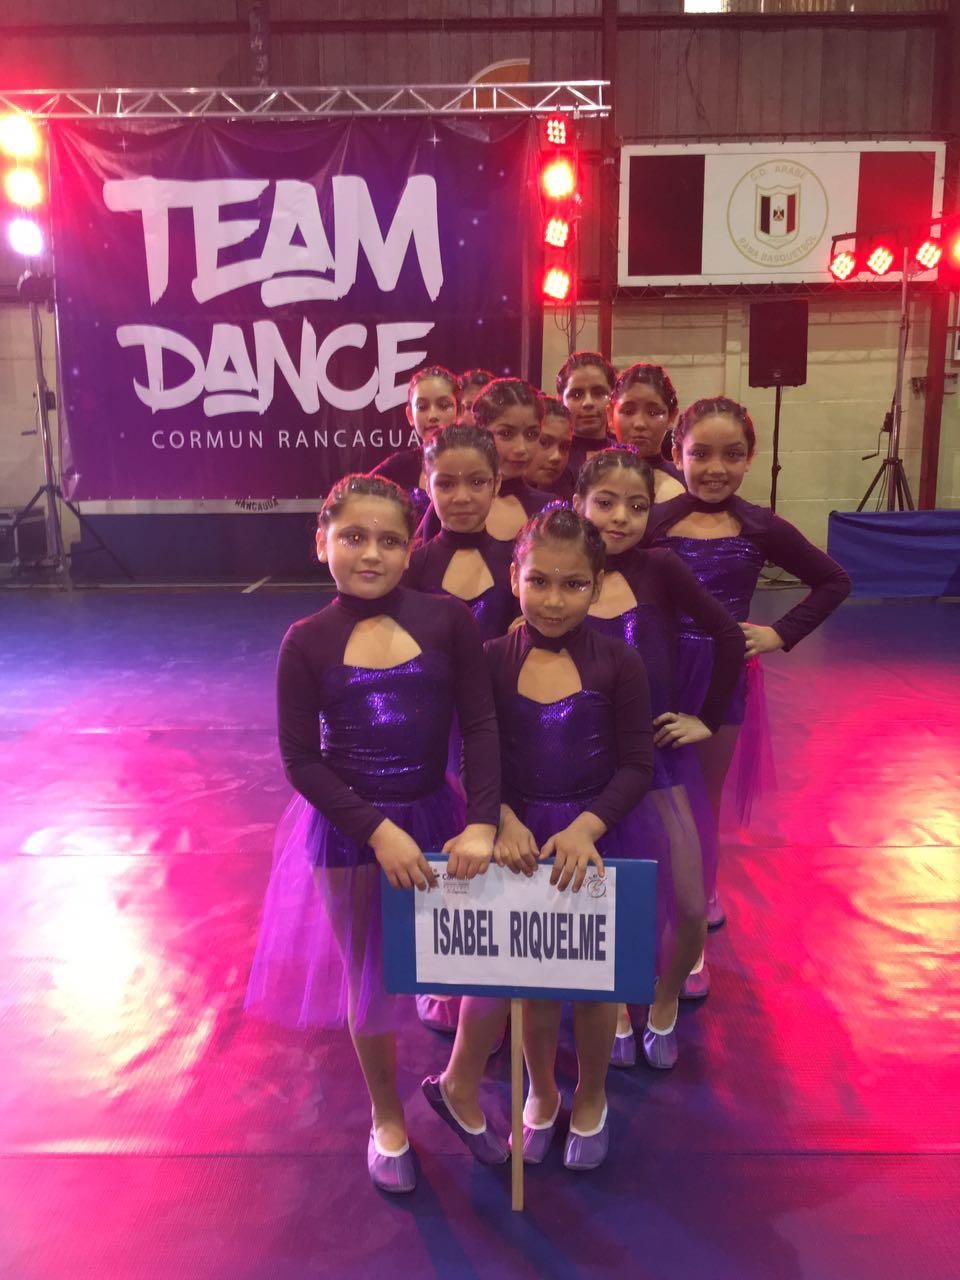 Grupo Teams Dance